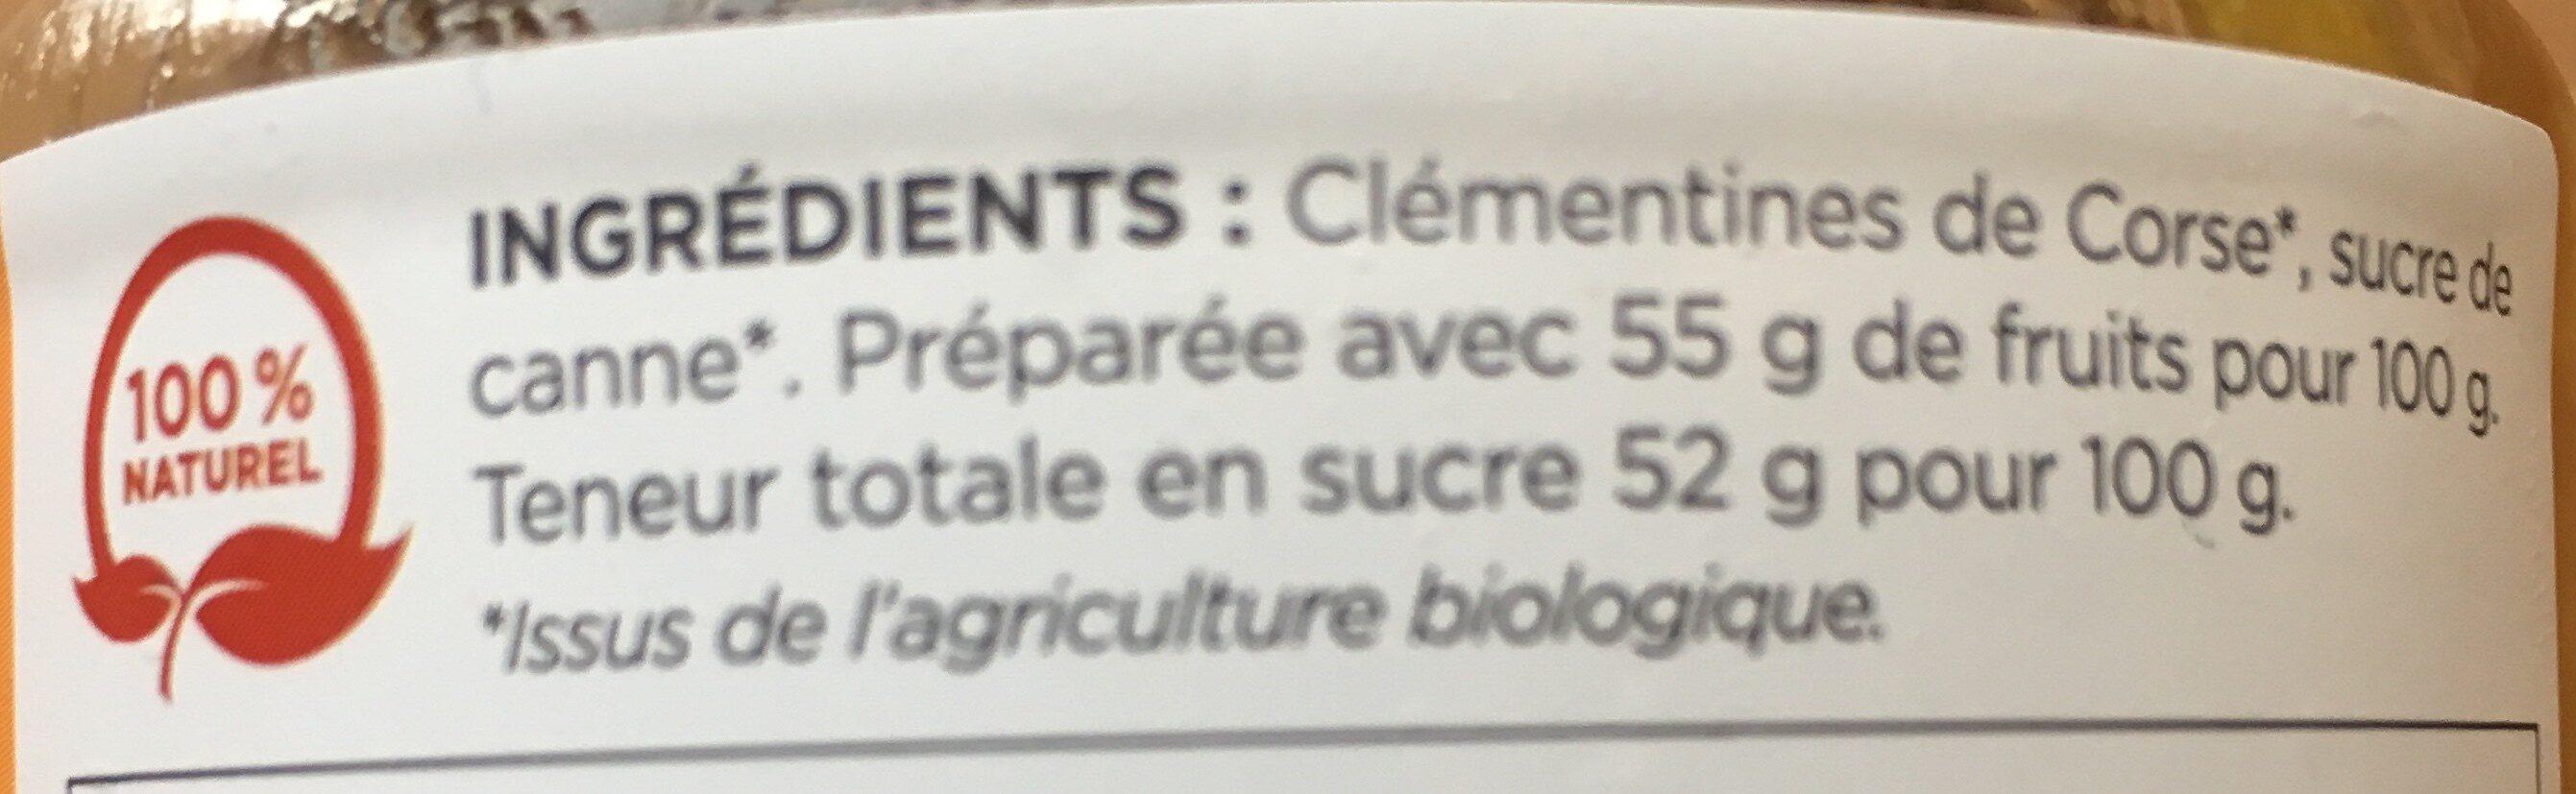 Confiture Clémentine de Corse - Ingredients